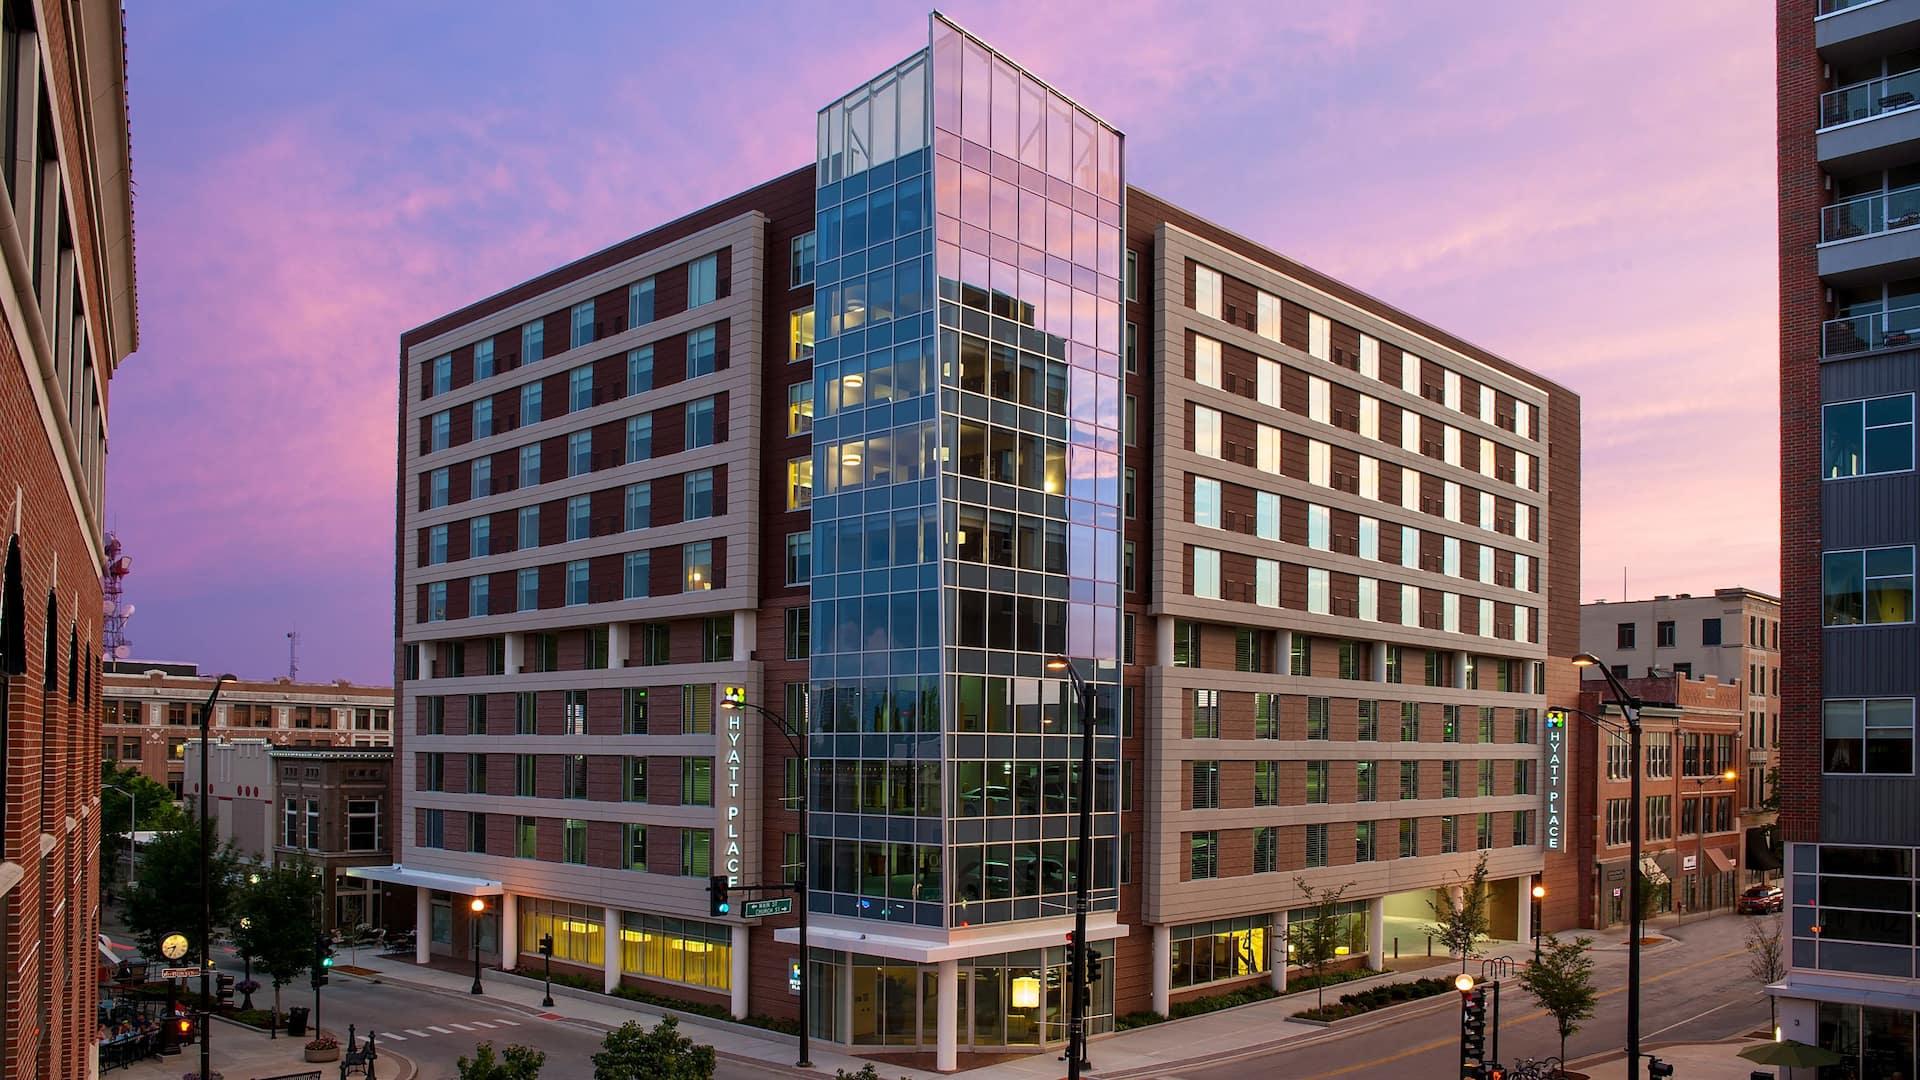 Hyatt Place Hotel Exterior